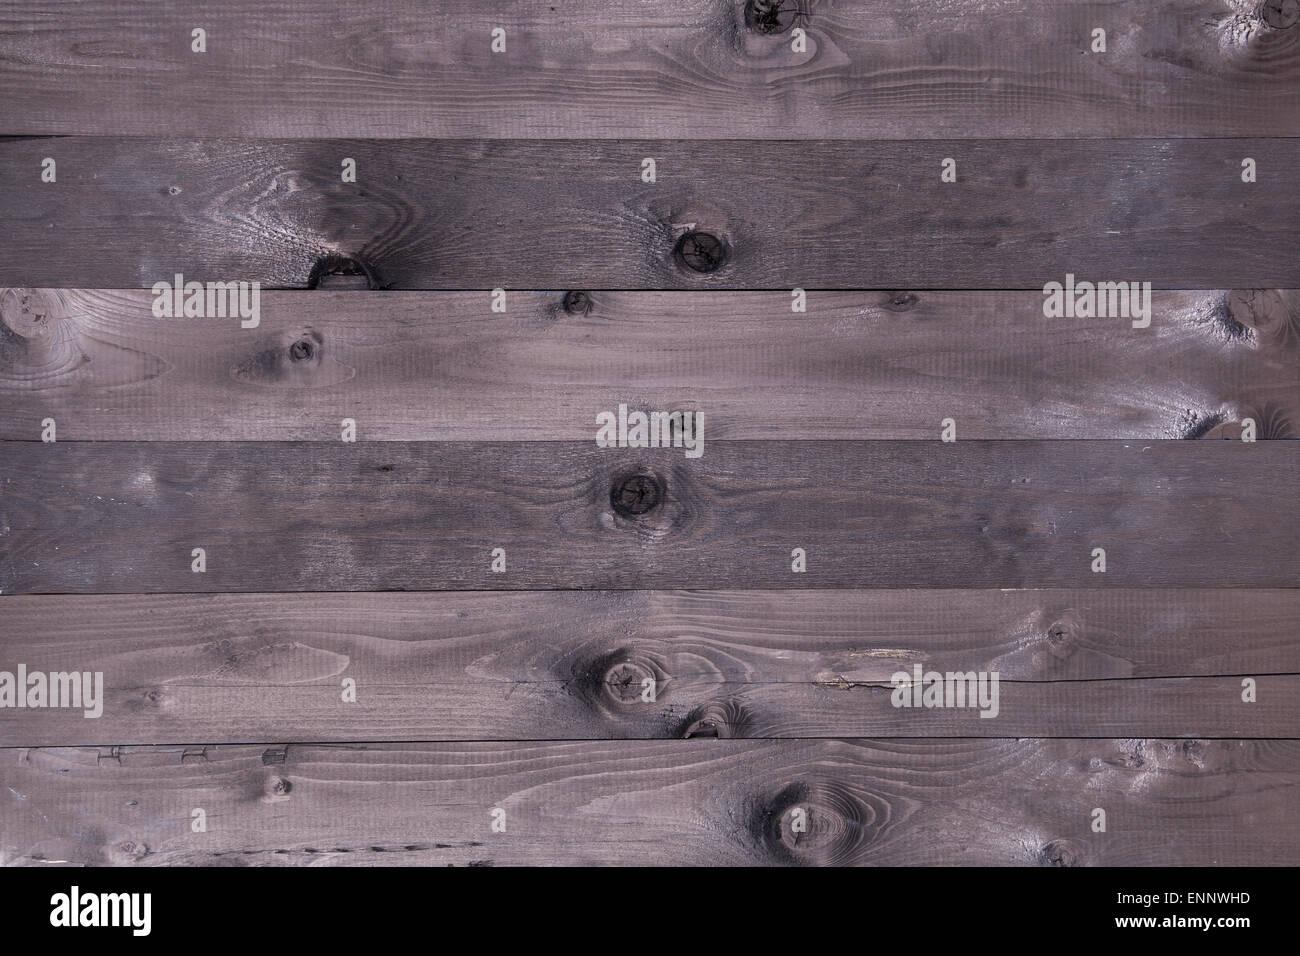 Assi Di Legno Hd : Asse di legno nero sfondo texture foto immagine stock